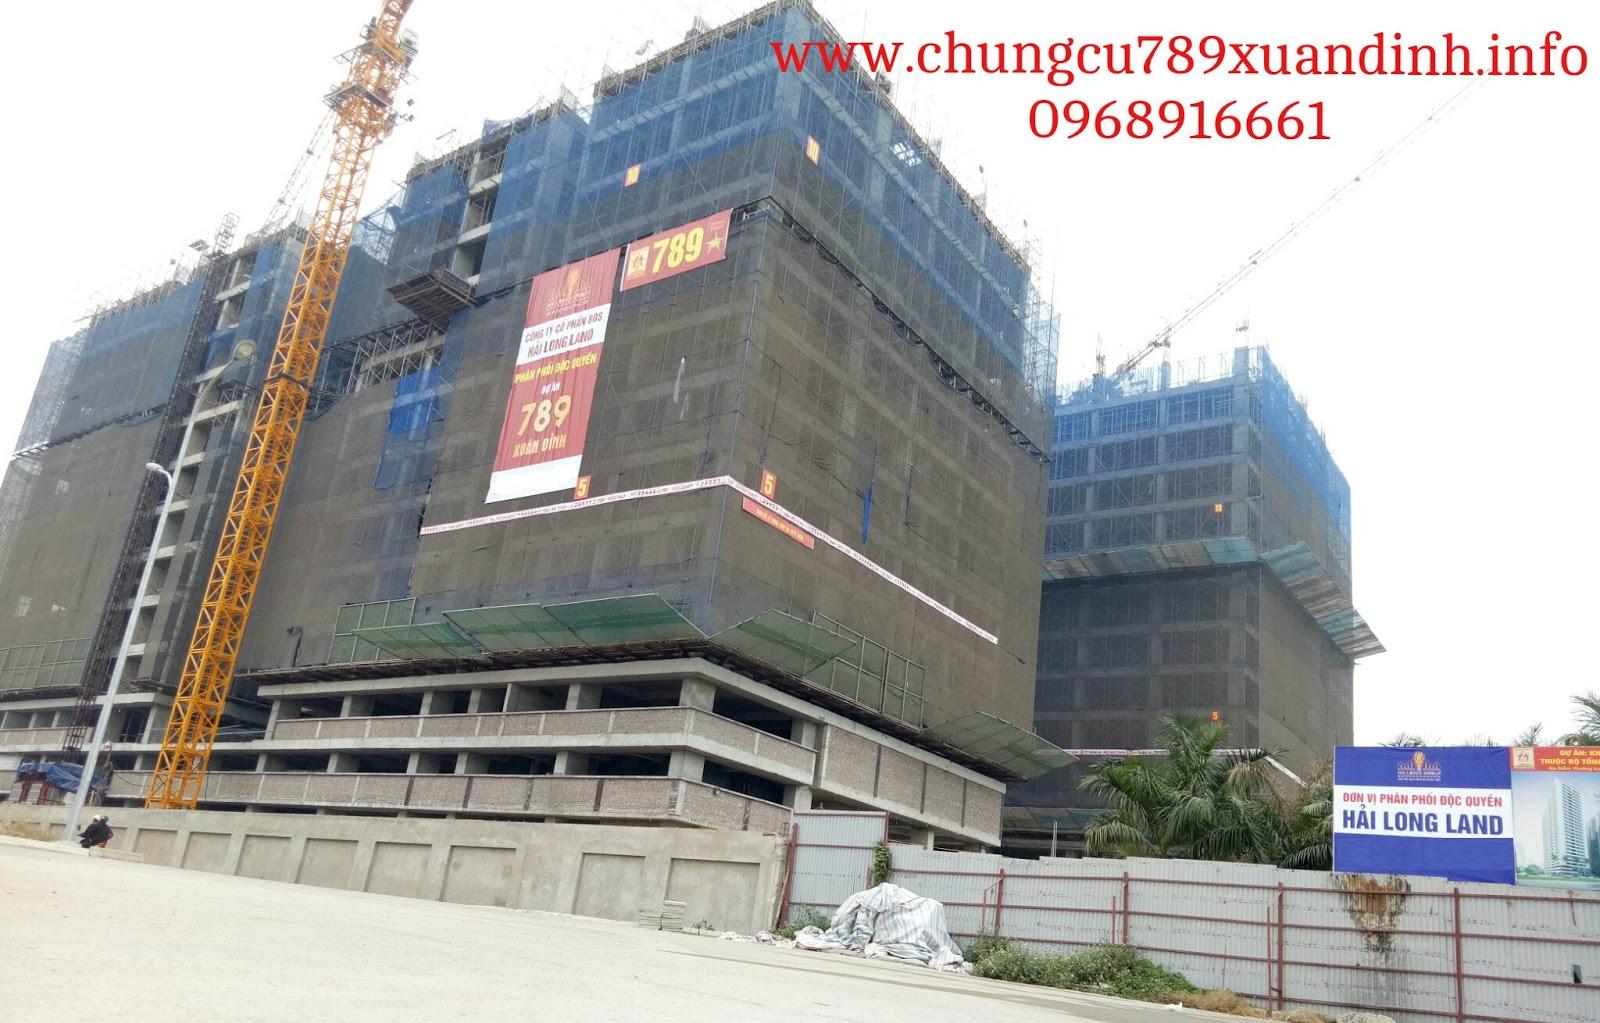 Tiến độ xây dựng dự án Chung cư 789 Xuân Đỉnh